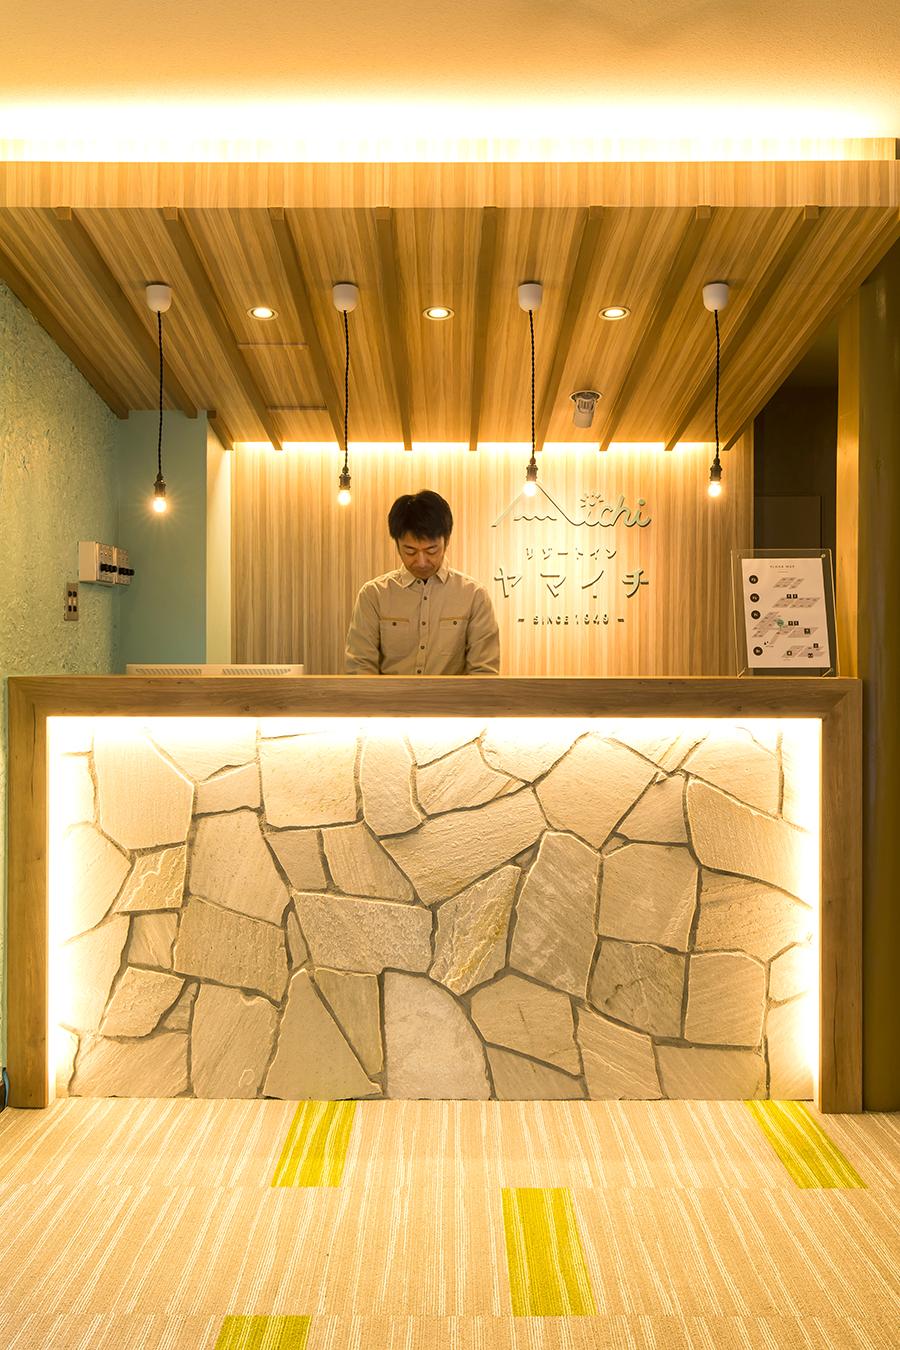 リゾートホテルのデザイン